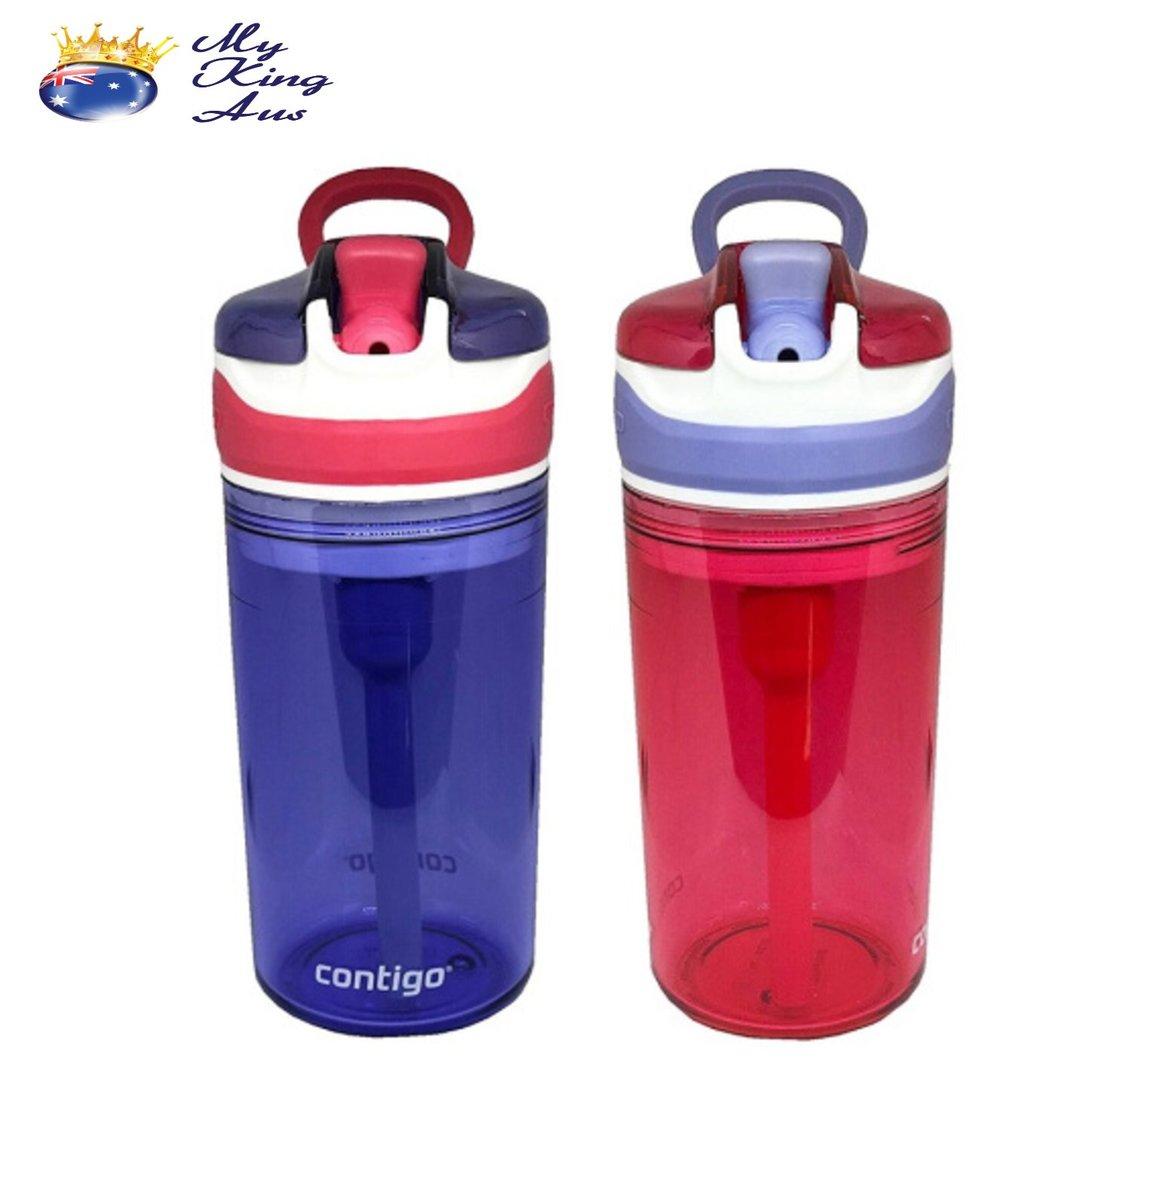 Contigo兒童零食防漏吸管杯兩個裝(紫粉色套裝)